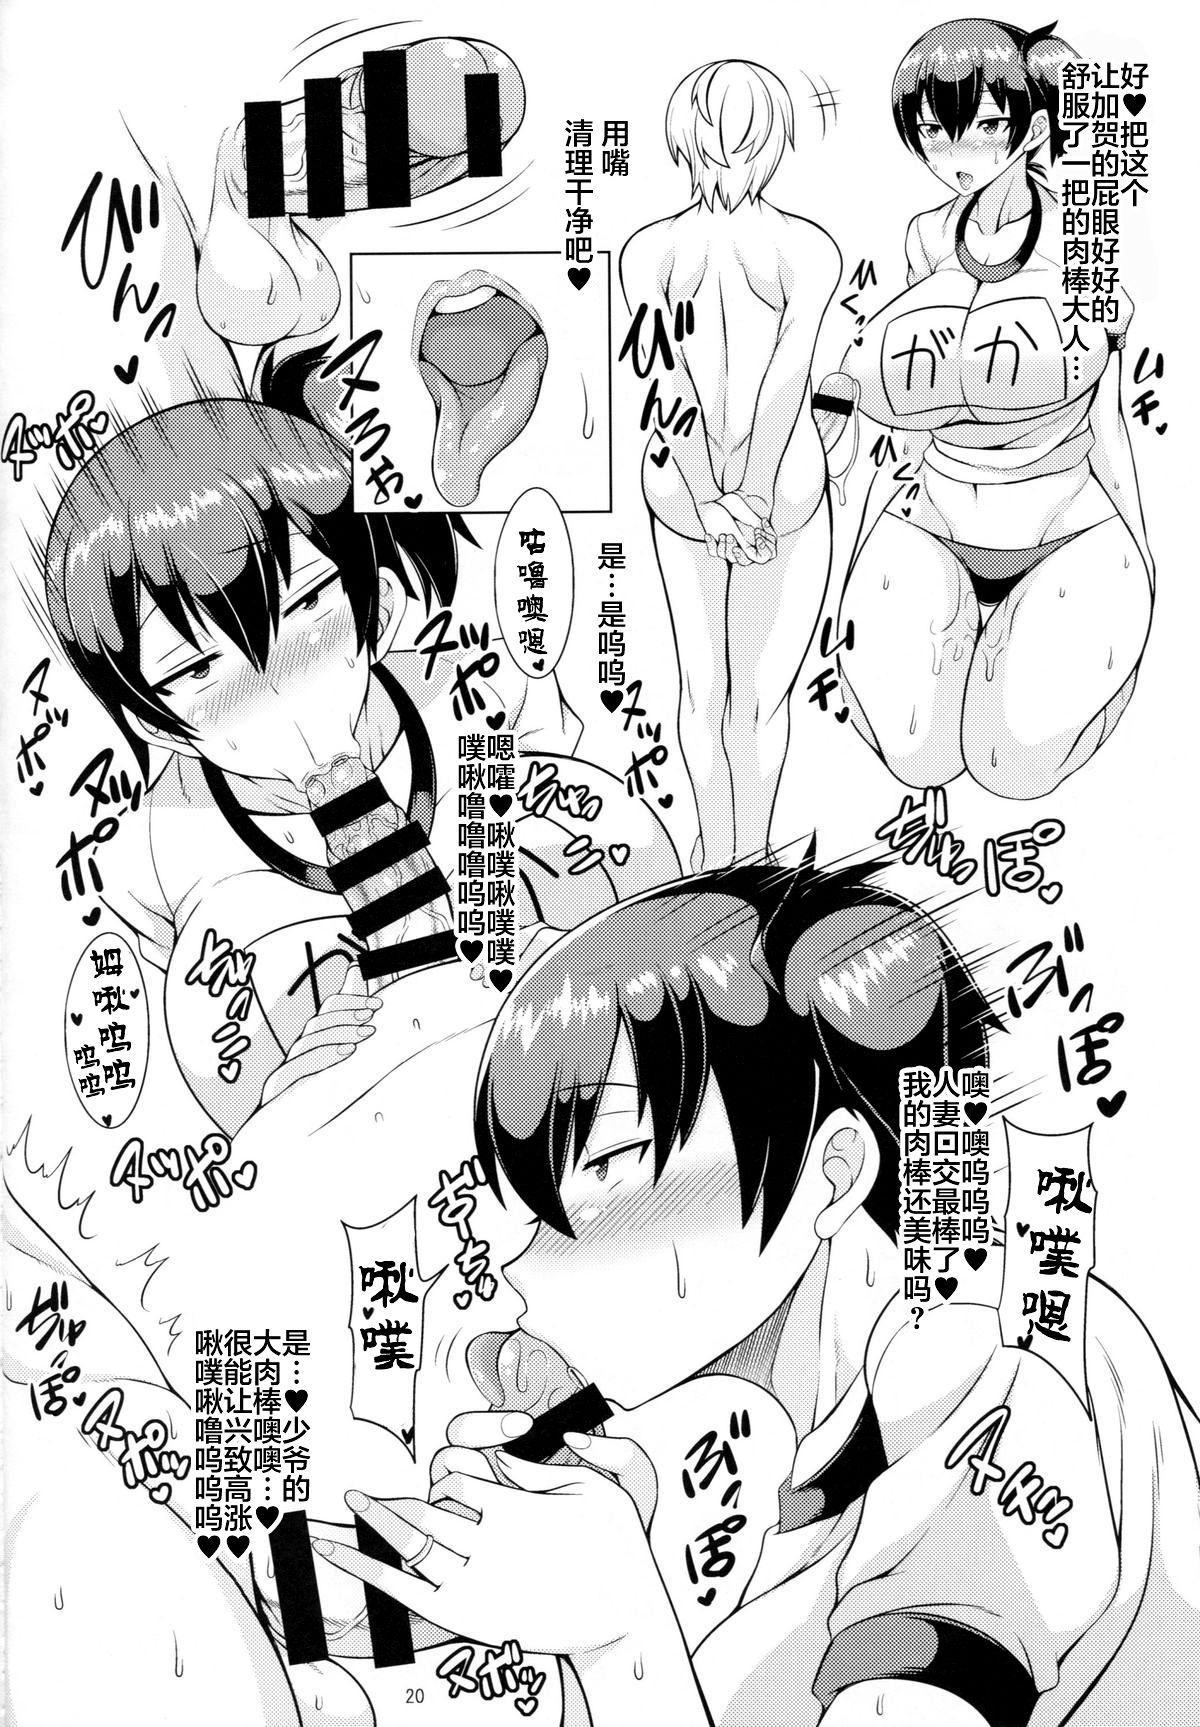 Kaga-san ga ShotaChin de Nhoo♥ suru Hon Kai 20